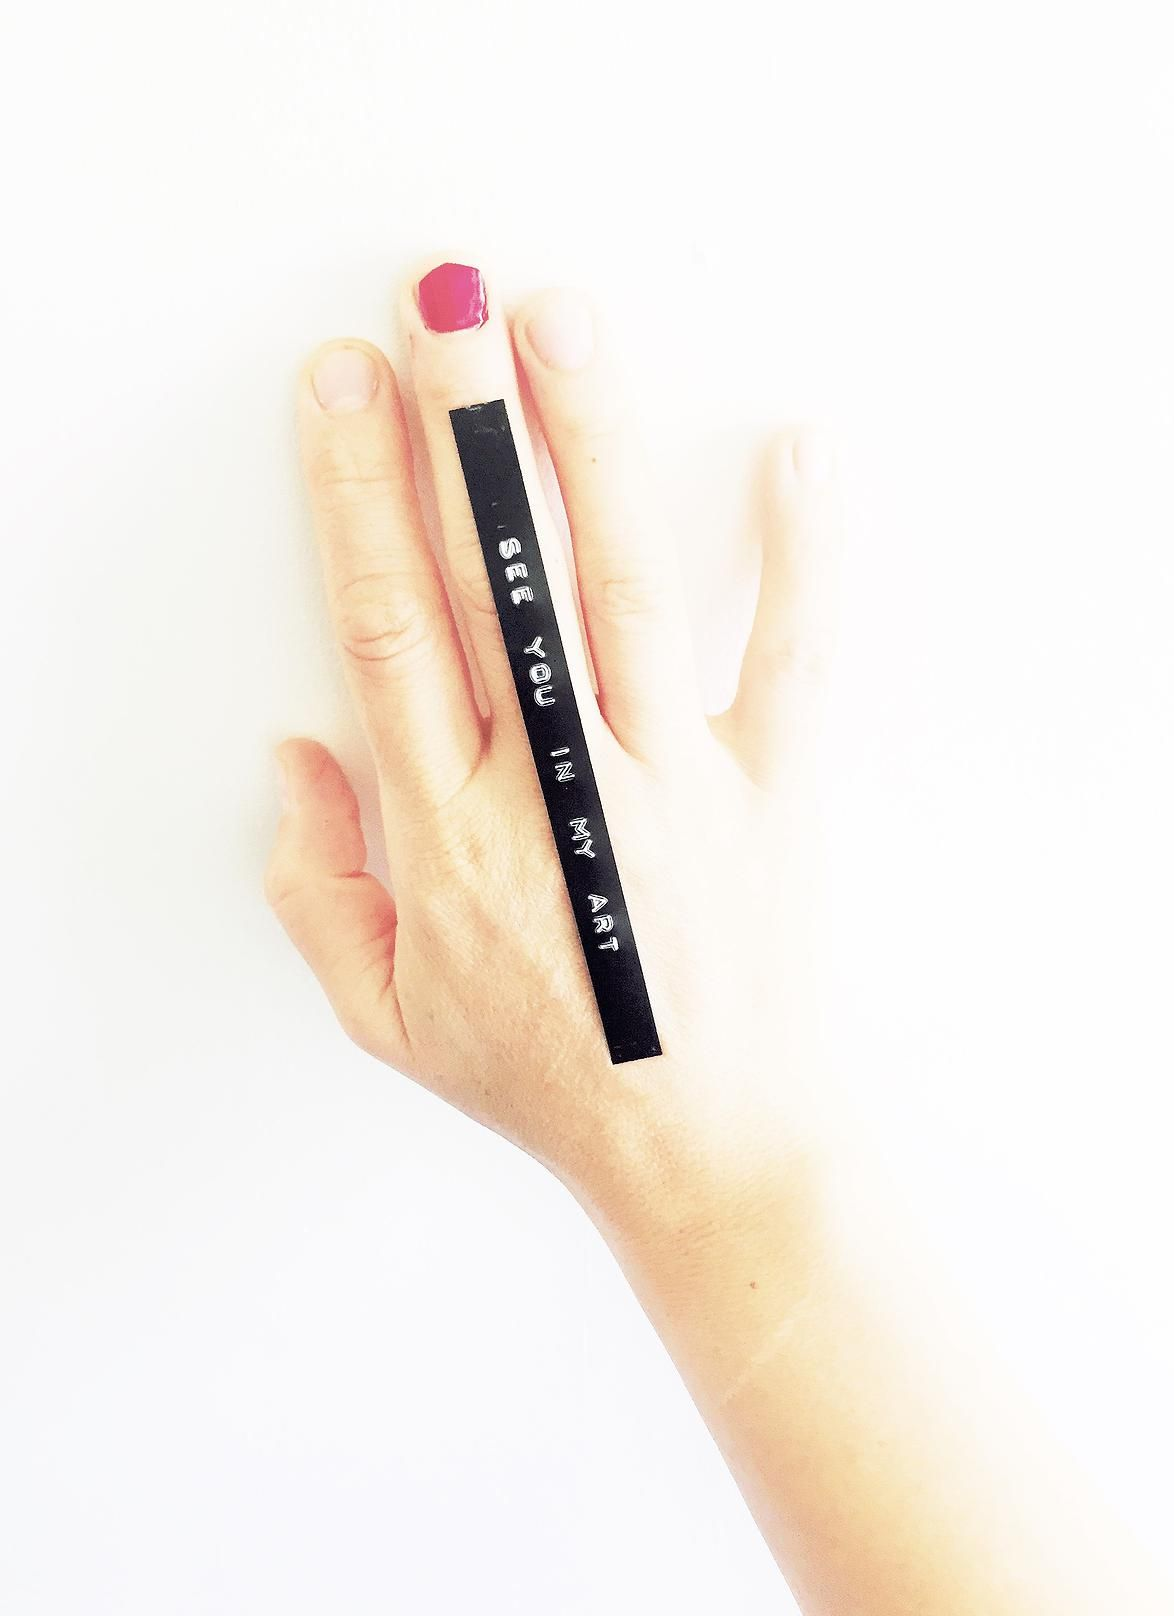 nagelsalonger i uppsala